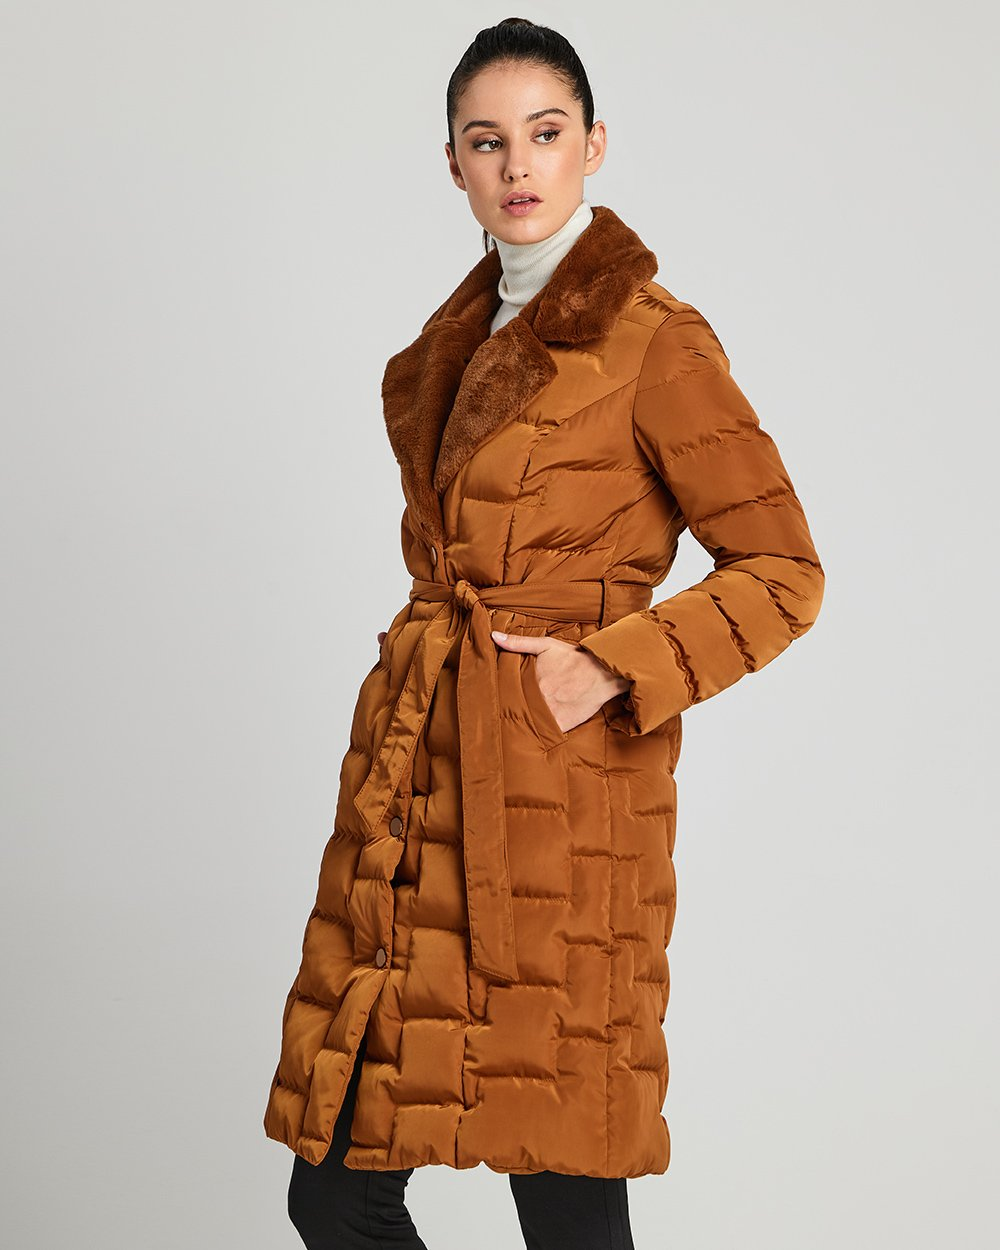 Μπουφάν με γούνα στο γιακά